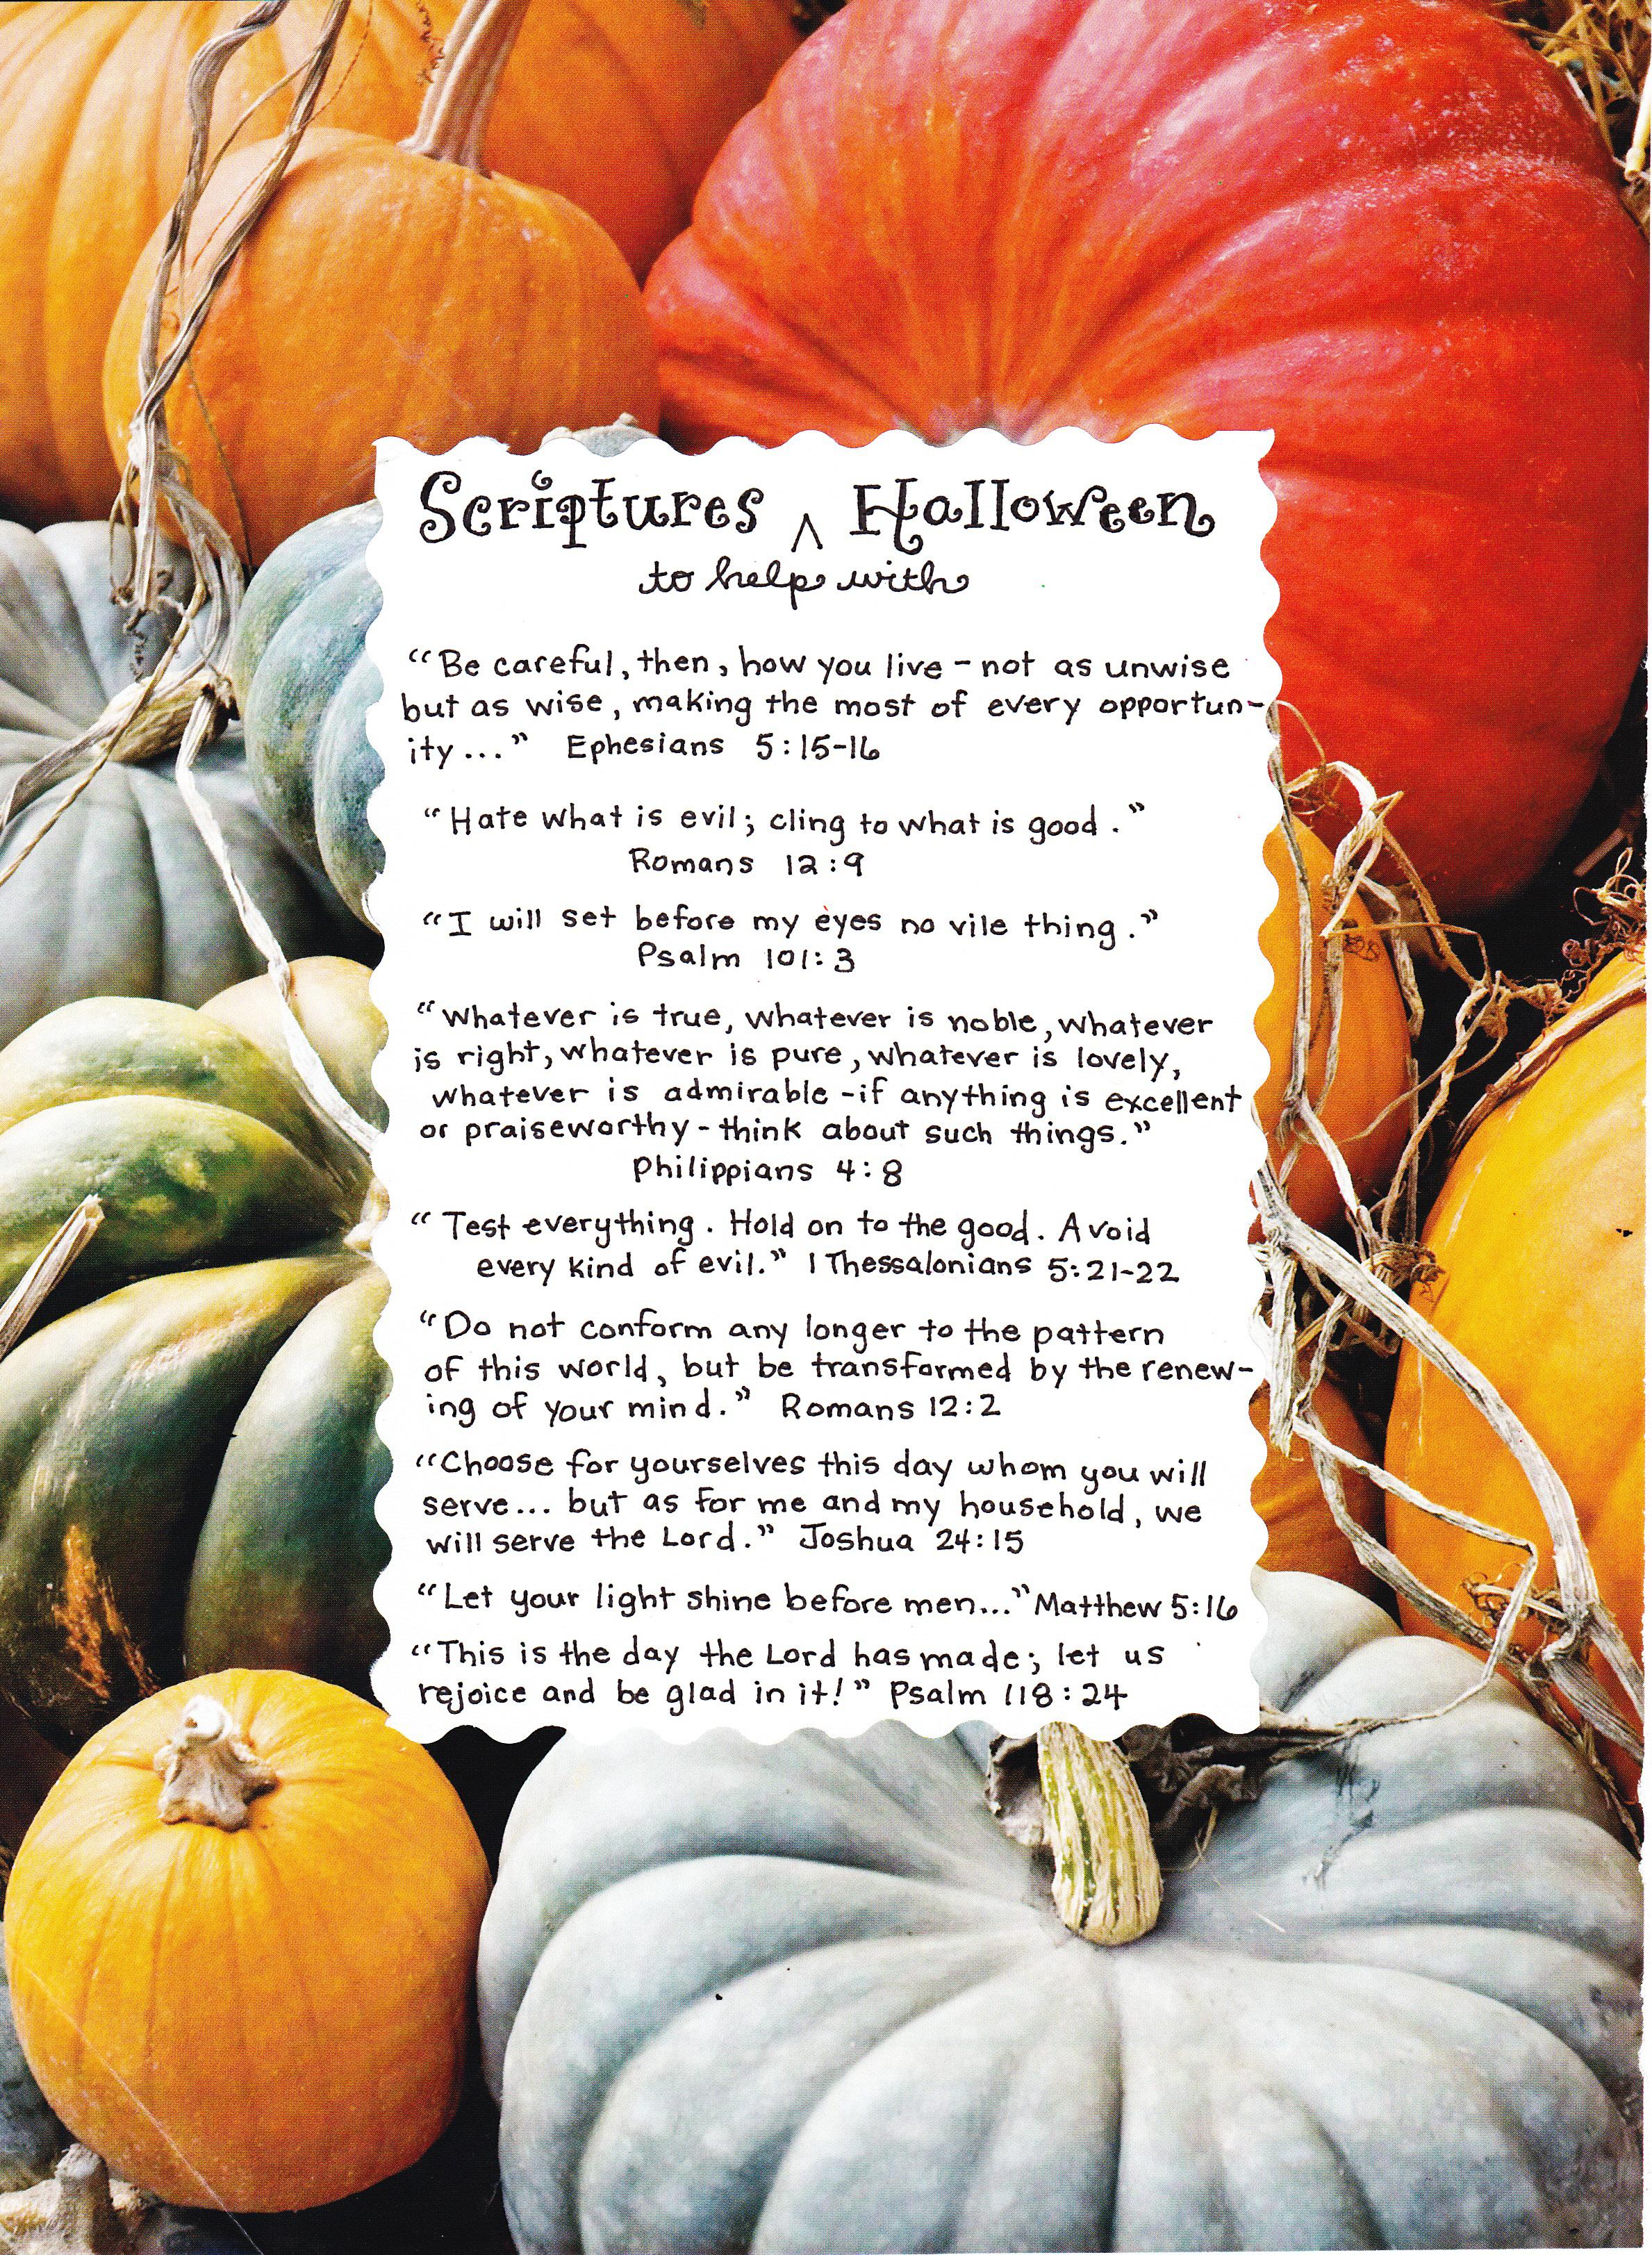 Scriptures for Halloween